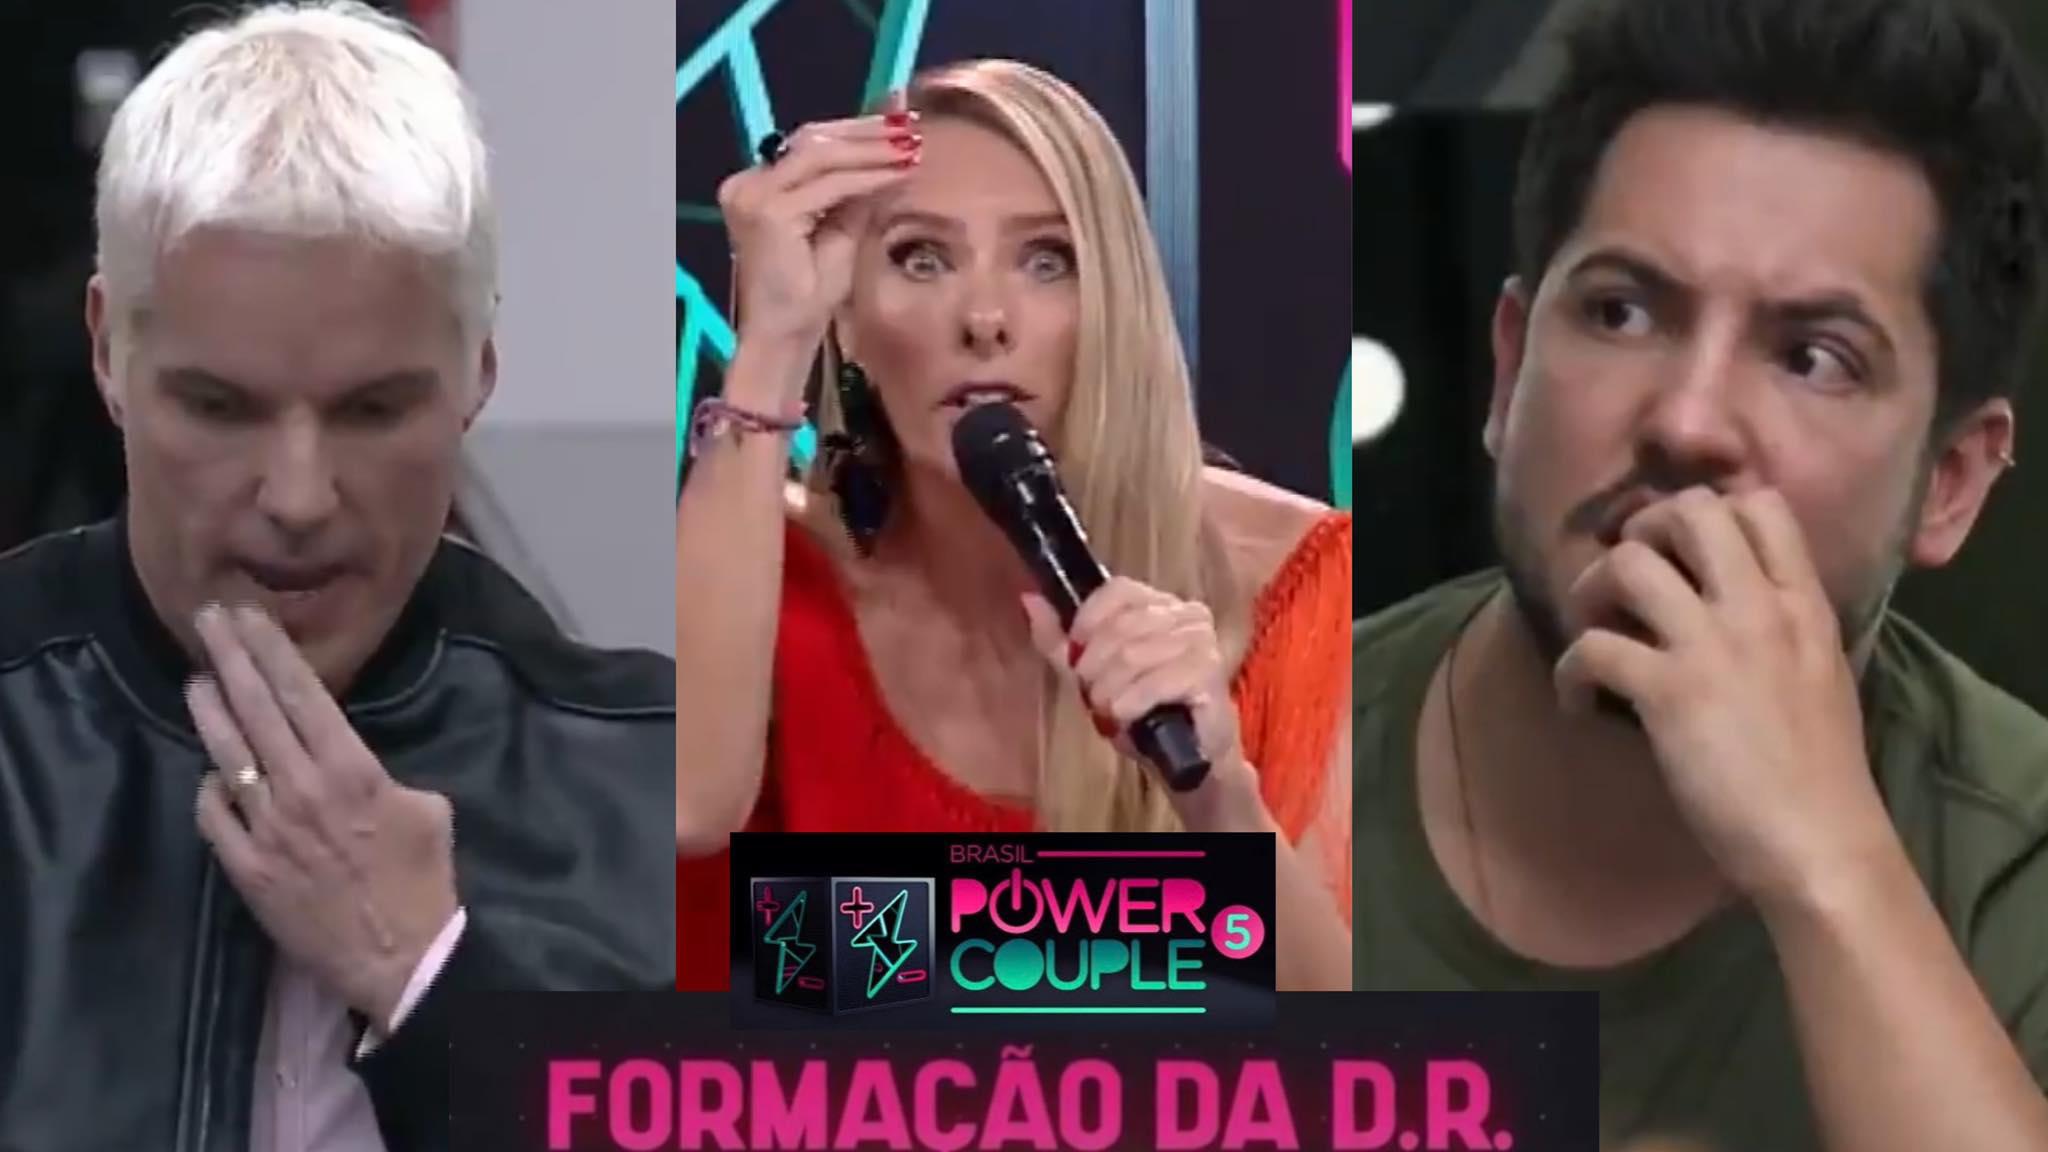 O Power Couple prendeu a atenção do público com a formação da 6ª DR ao vivo (montagem: Fashion Bubbles)